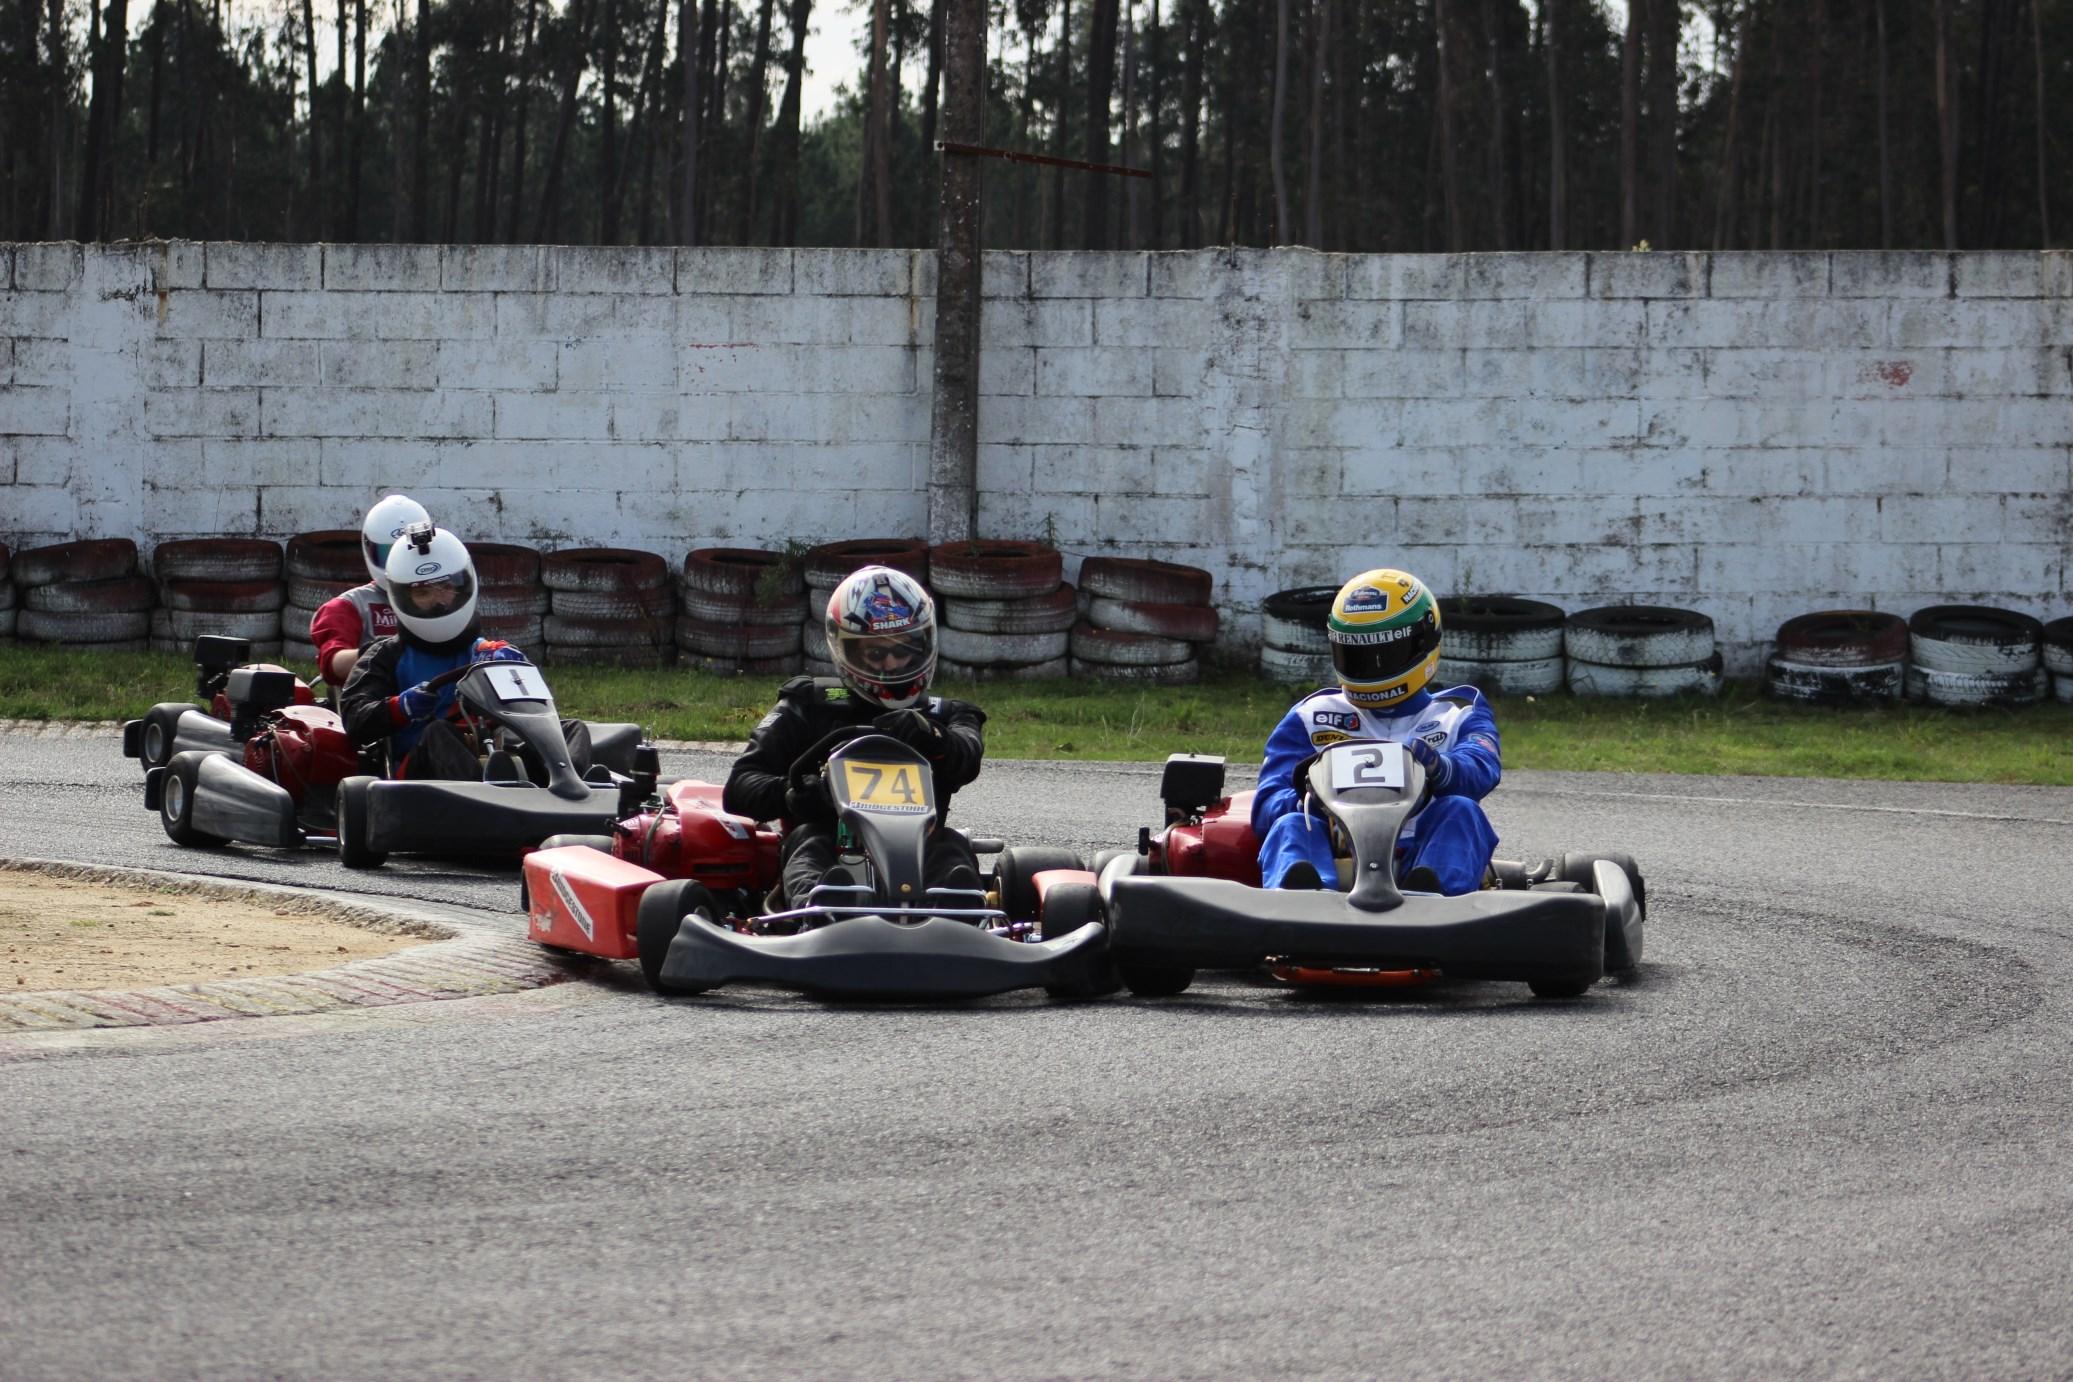 Troféu Honda 2014 - 4ª Prova141